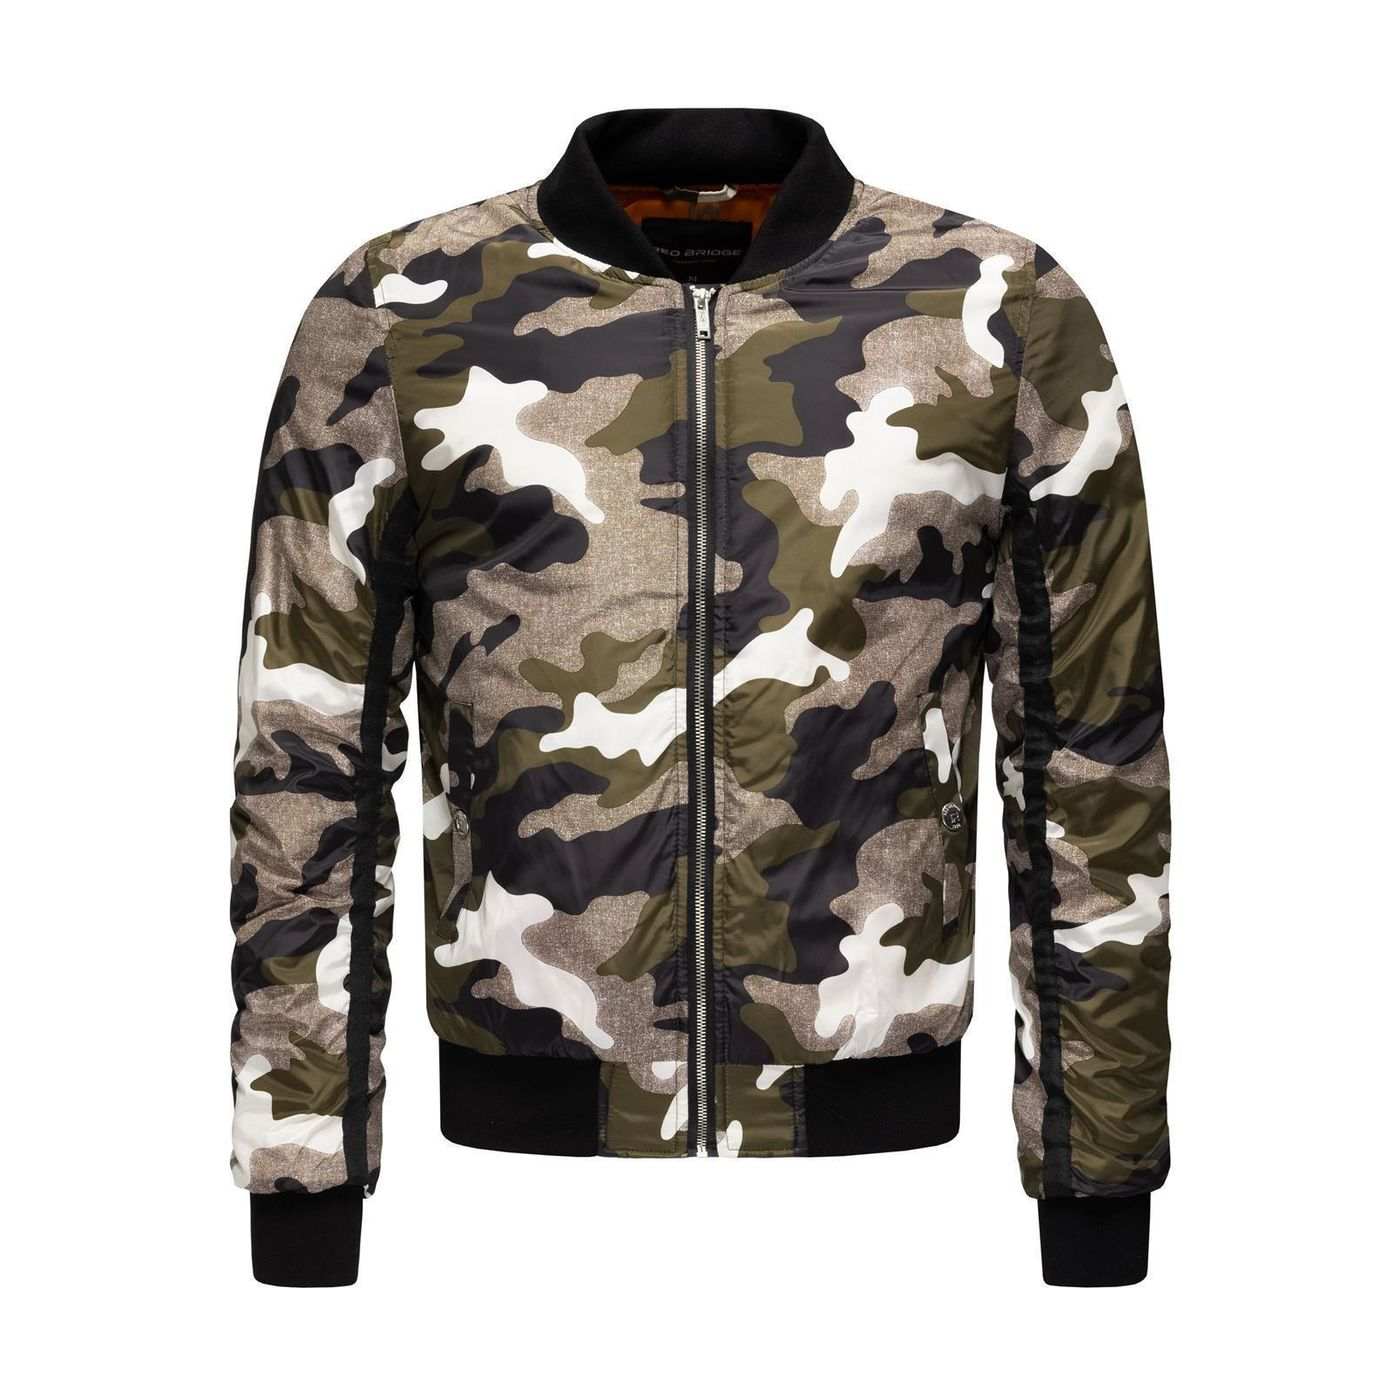 Camouflage Camouflage Herren Herren Jacke Jacke Camouflage Jacke Herren Herren Camouflage Herren Camouflage Jacke DHYEIW29